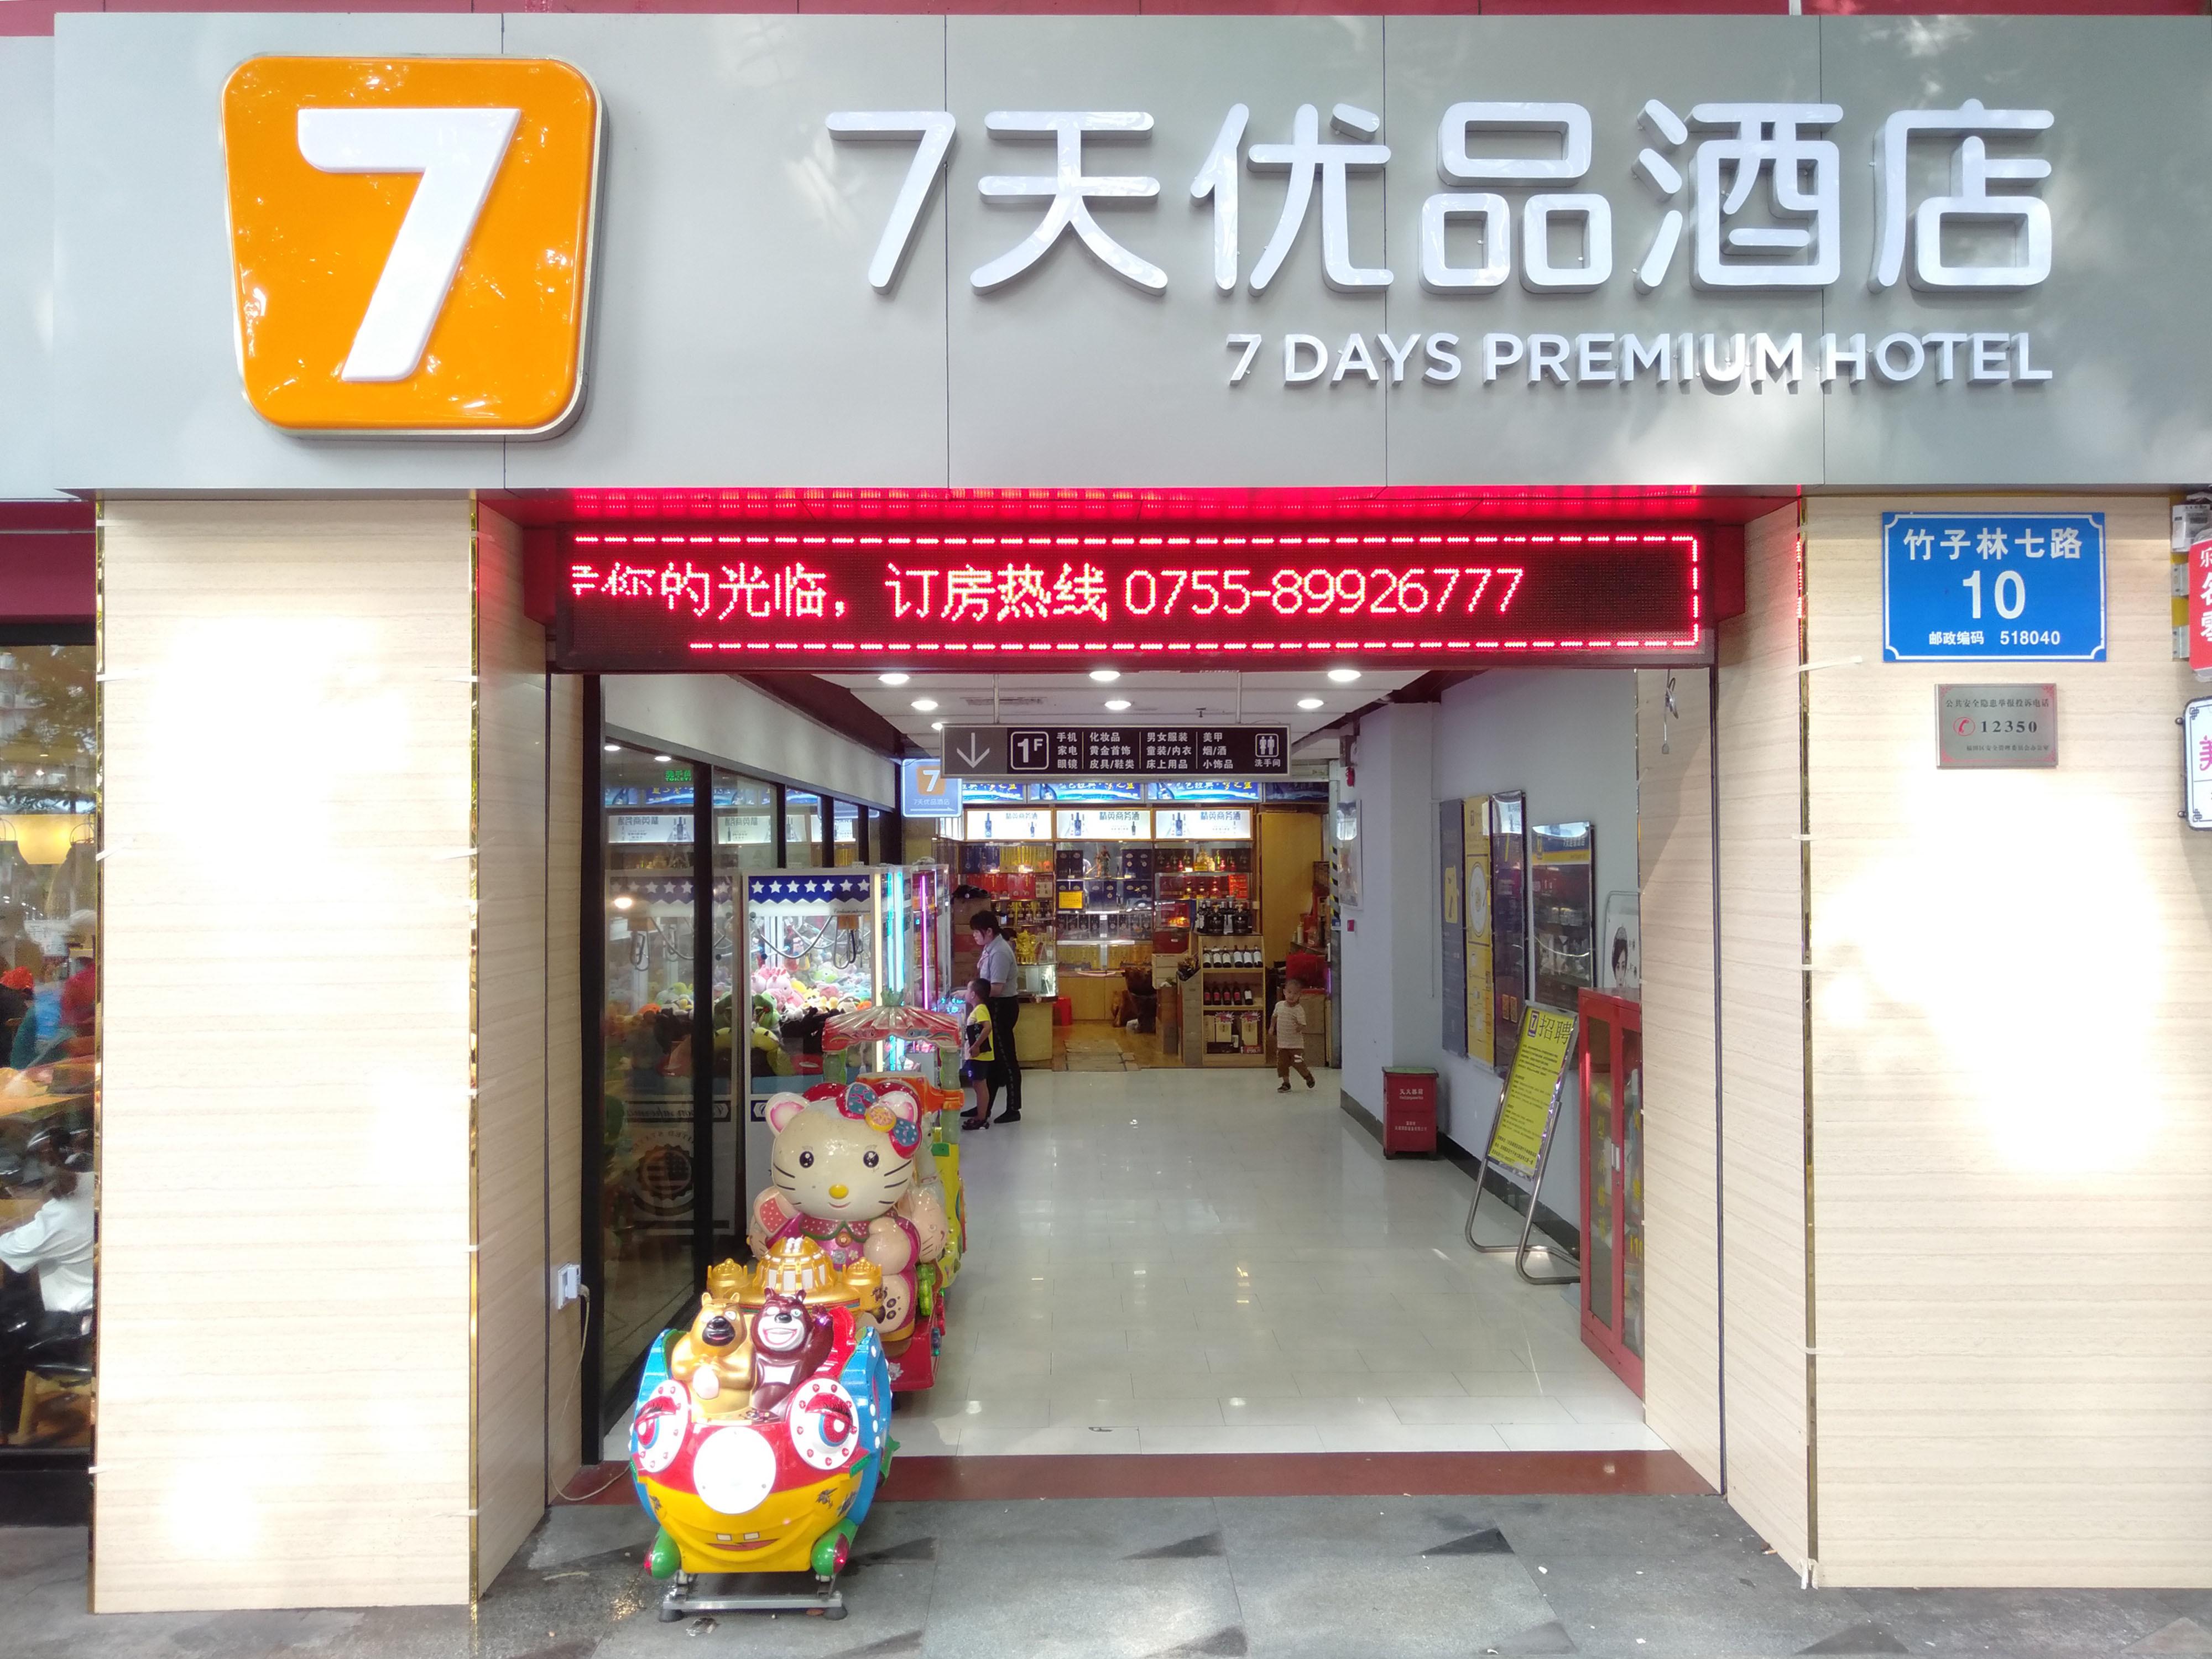 榴莲糖果精品酒店(乌鲁木齐人民电影院店)(原SOHOKTV)